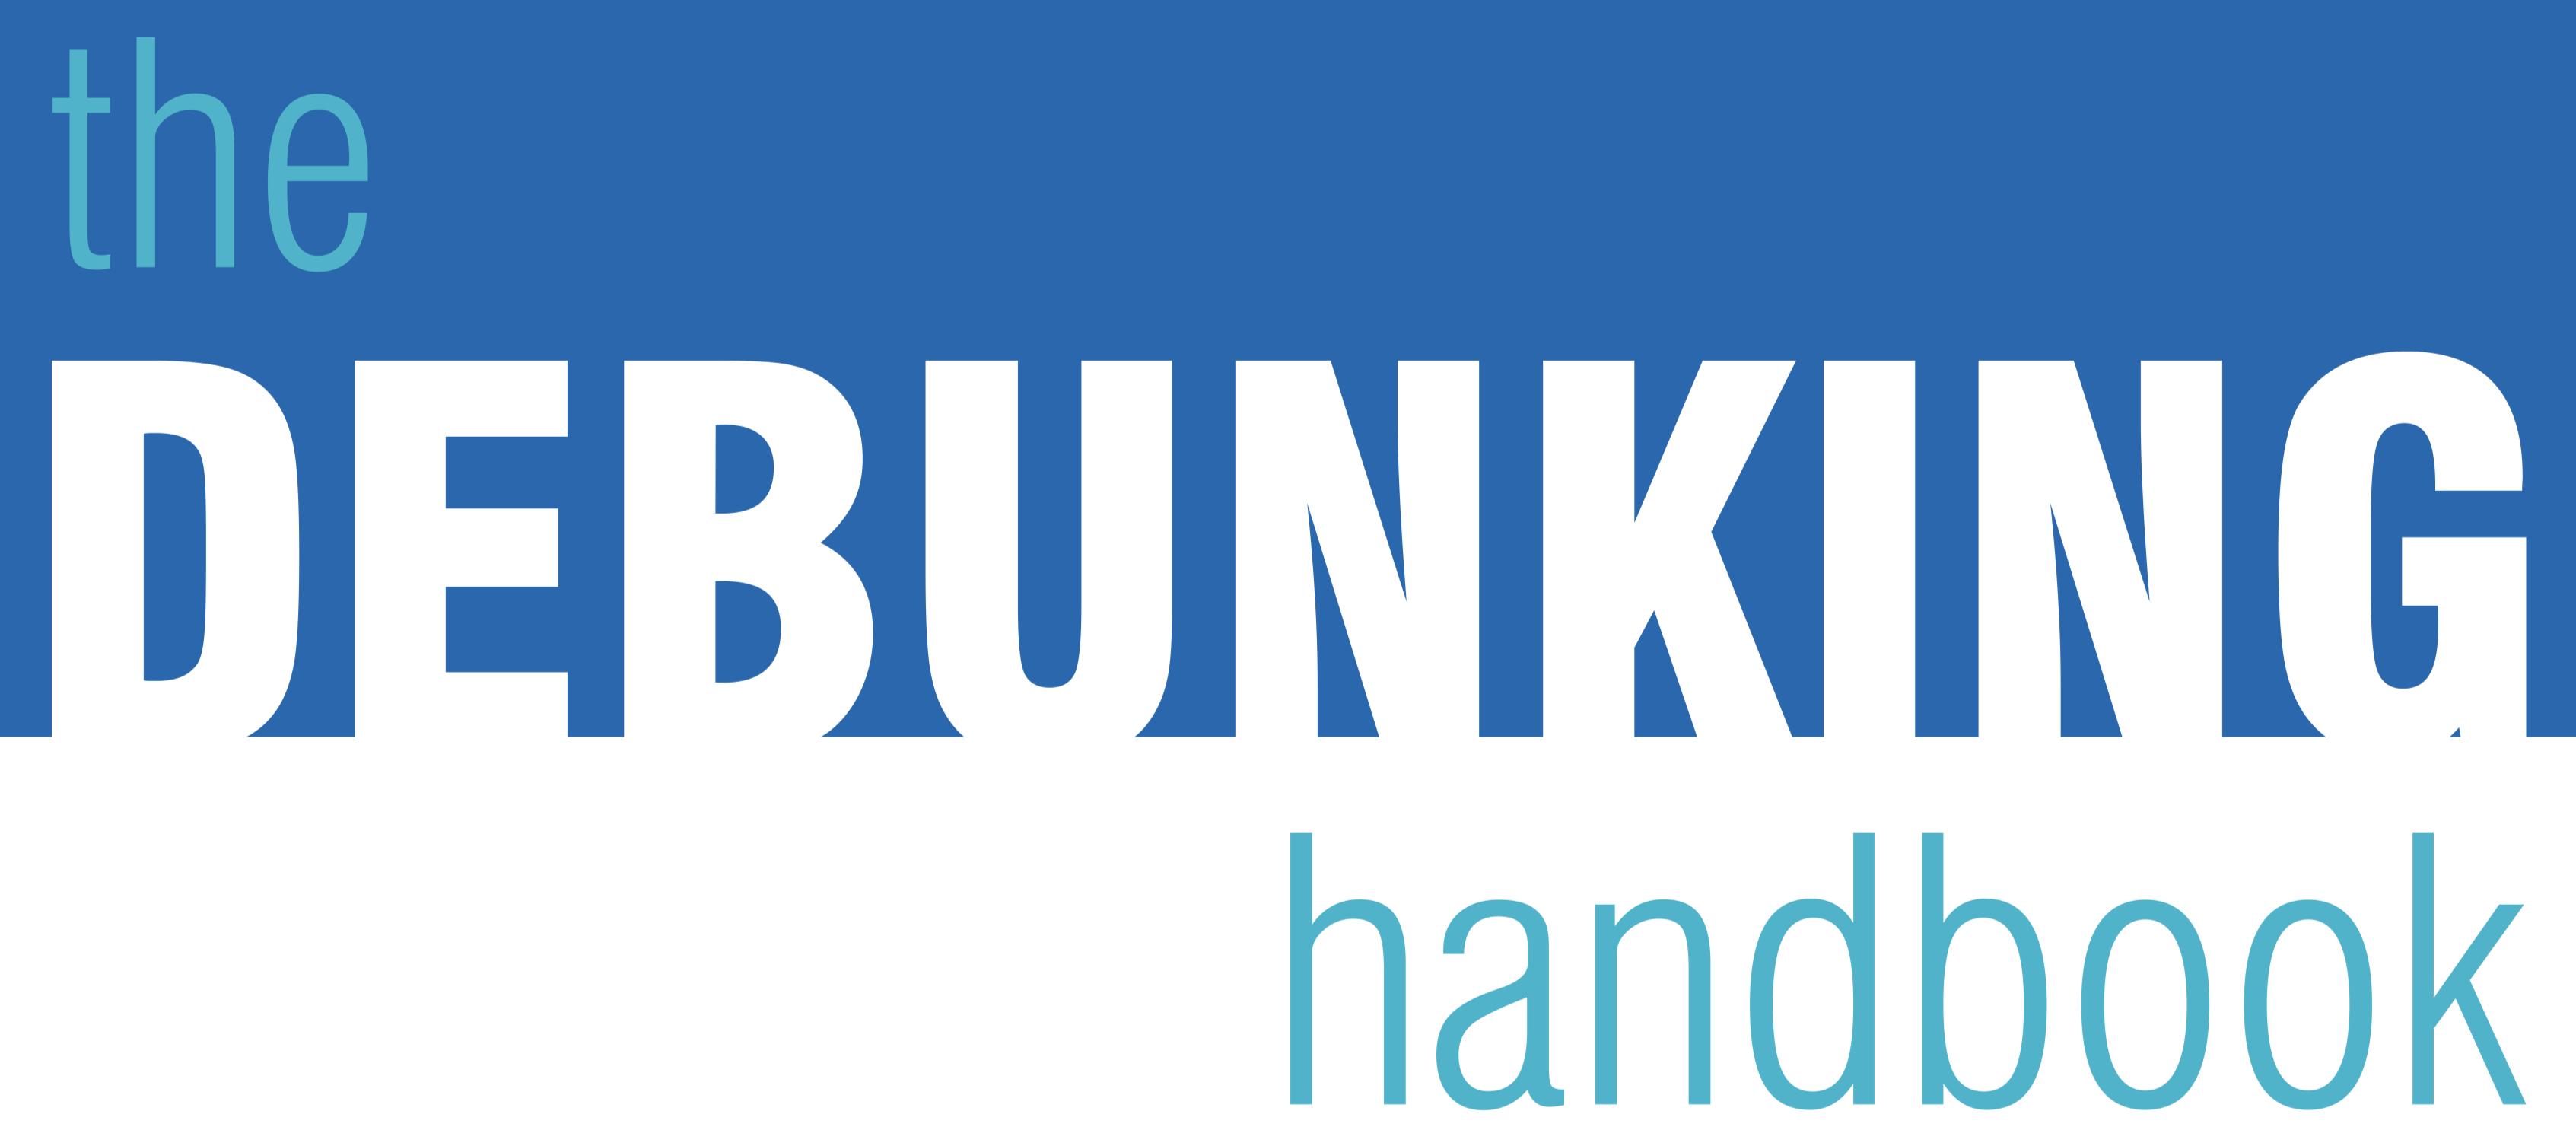 Debunking Handbook